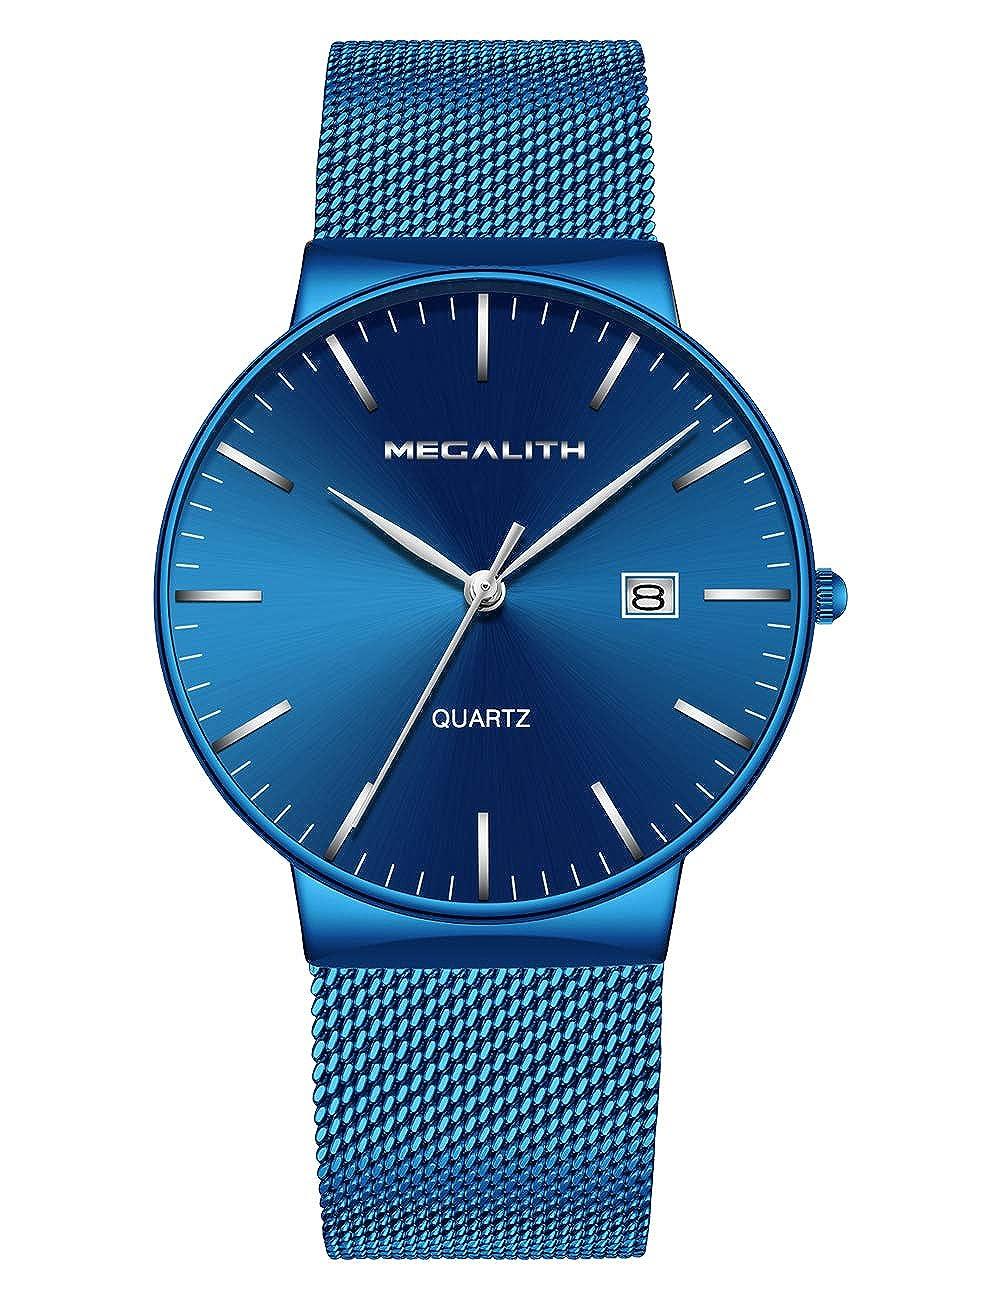 Relojes Hombre Relojes de Hombre Lujo Moda Impermeable Fecha Calendario Diseño Simple Analogicos Cuarzo Relojes de Pulsera de Malla de Acero Inoxidable Deportivo Negocio Casual